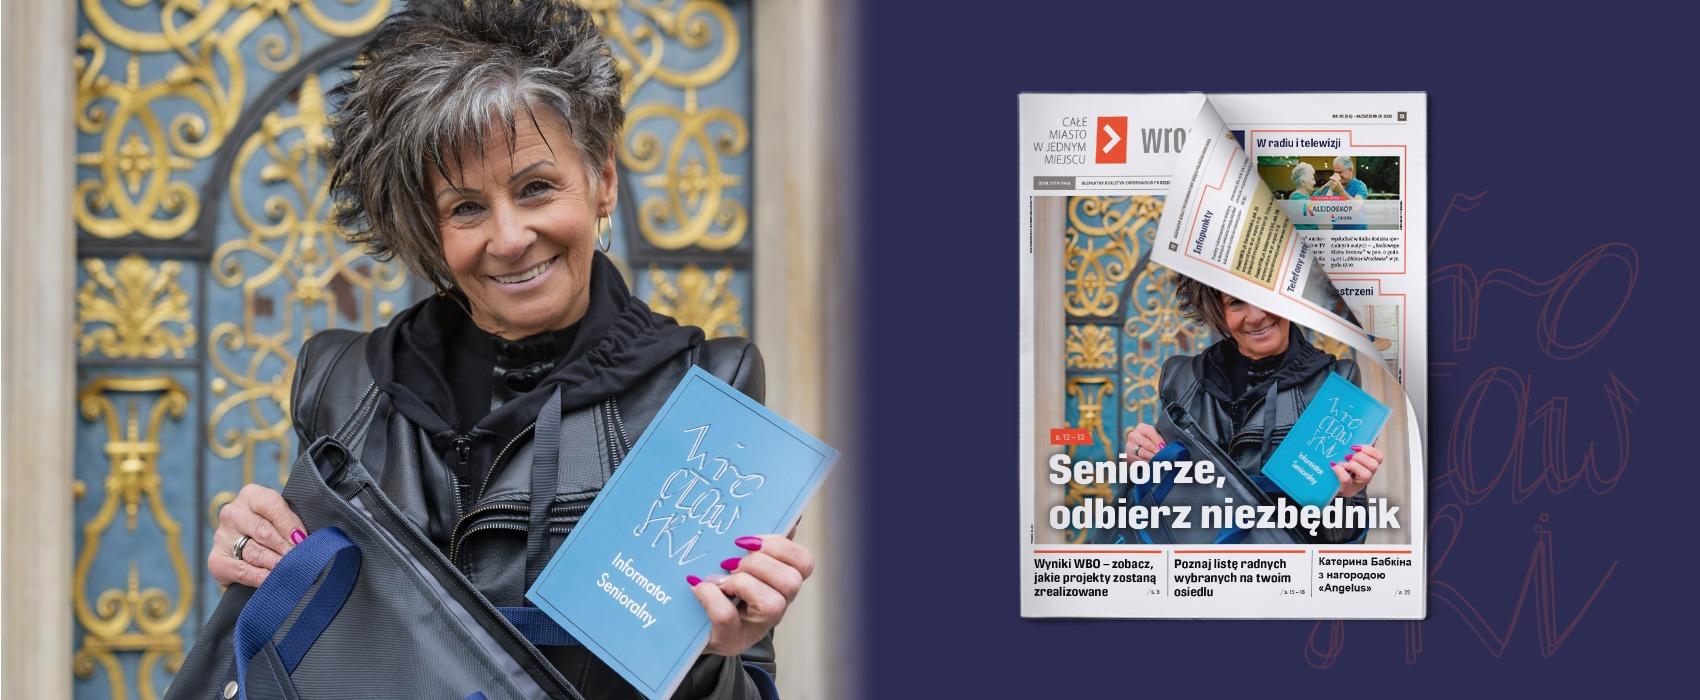 Biuletyn wroclaw.pl mr 58. Wkładka wydawnictwa poświęcona jest seniorom.